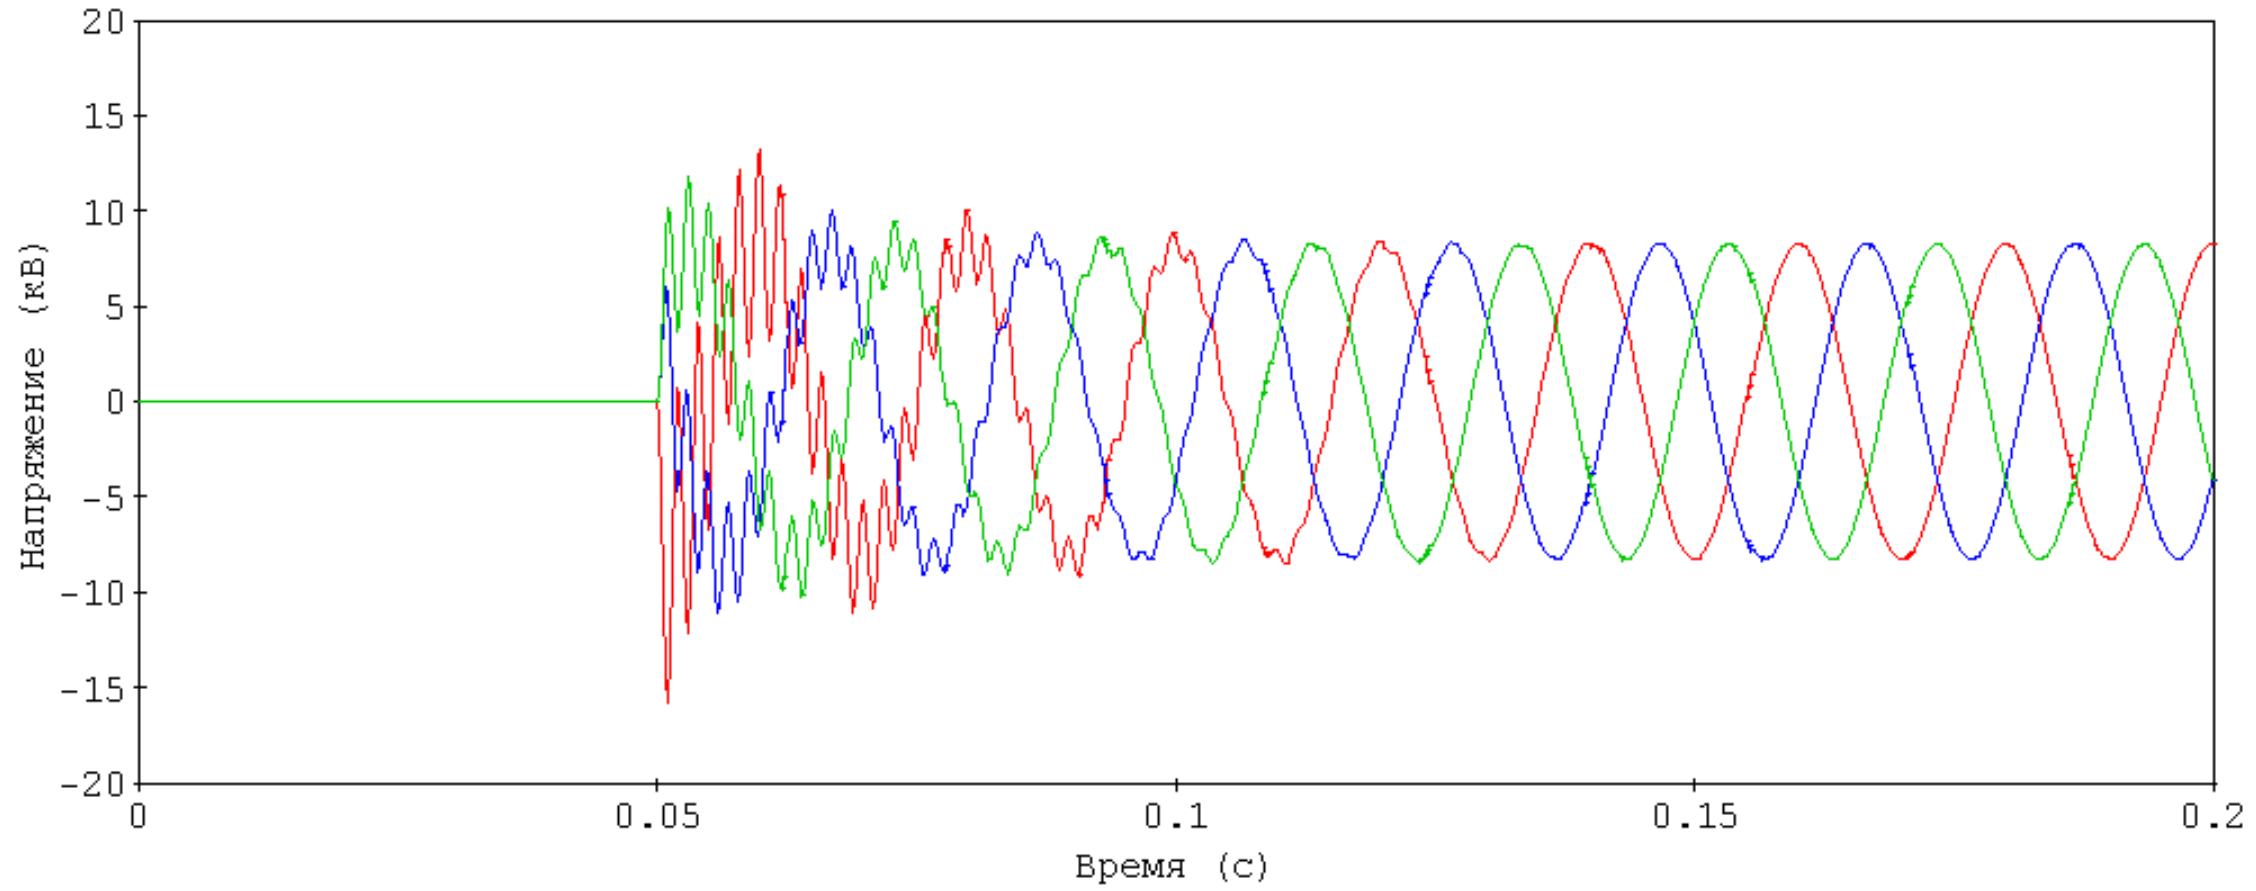 Из песочницы Расчеты переходных процессов в электрических сетях